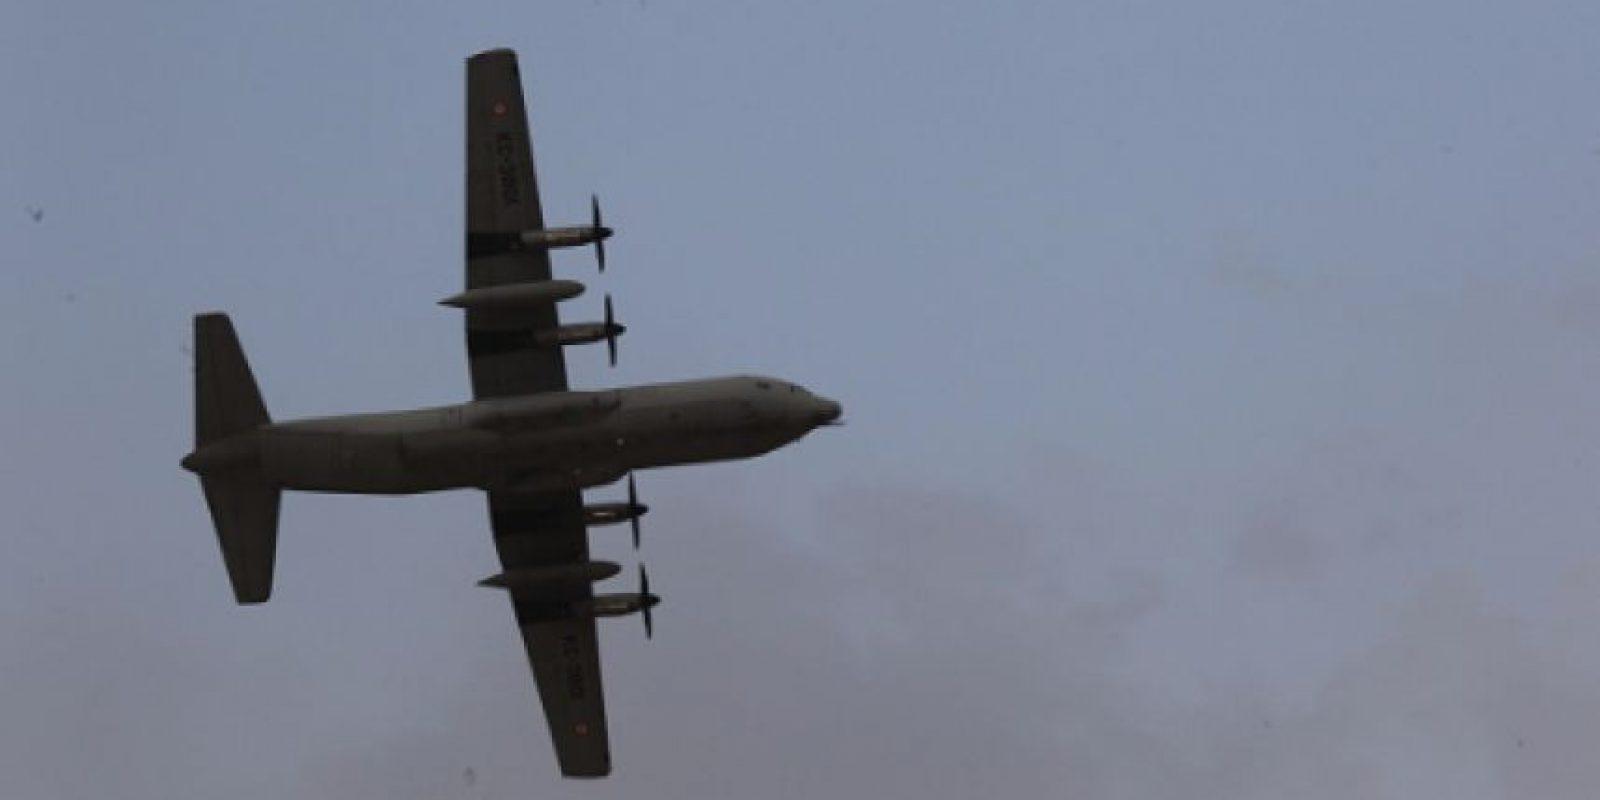 Los cazas franceses han efectuado cerca de 800 bombardeos en Siria e Irak en el marco de sus misiones contra el Estado Islámico. Foto:Gettyimages/ Archivo